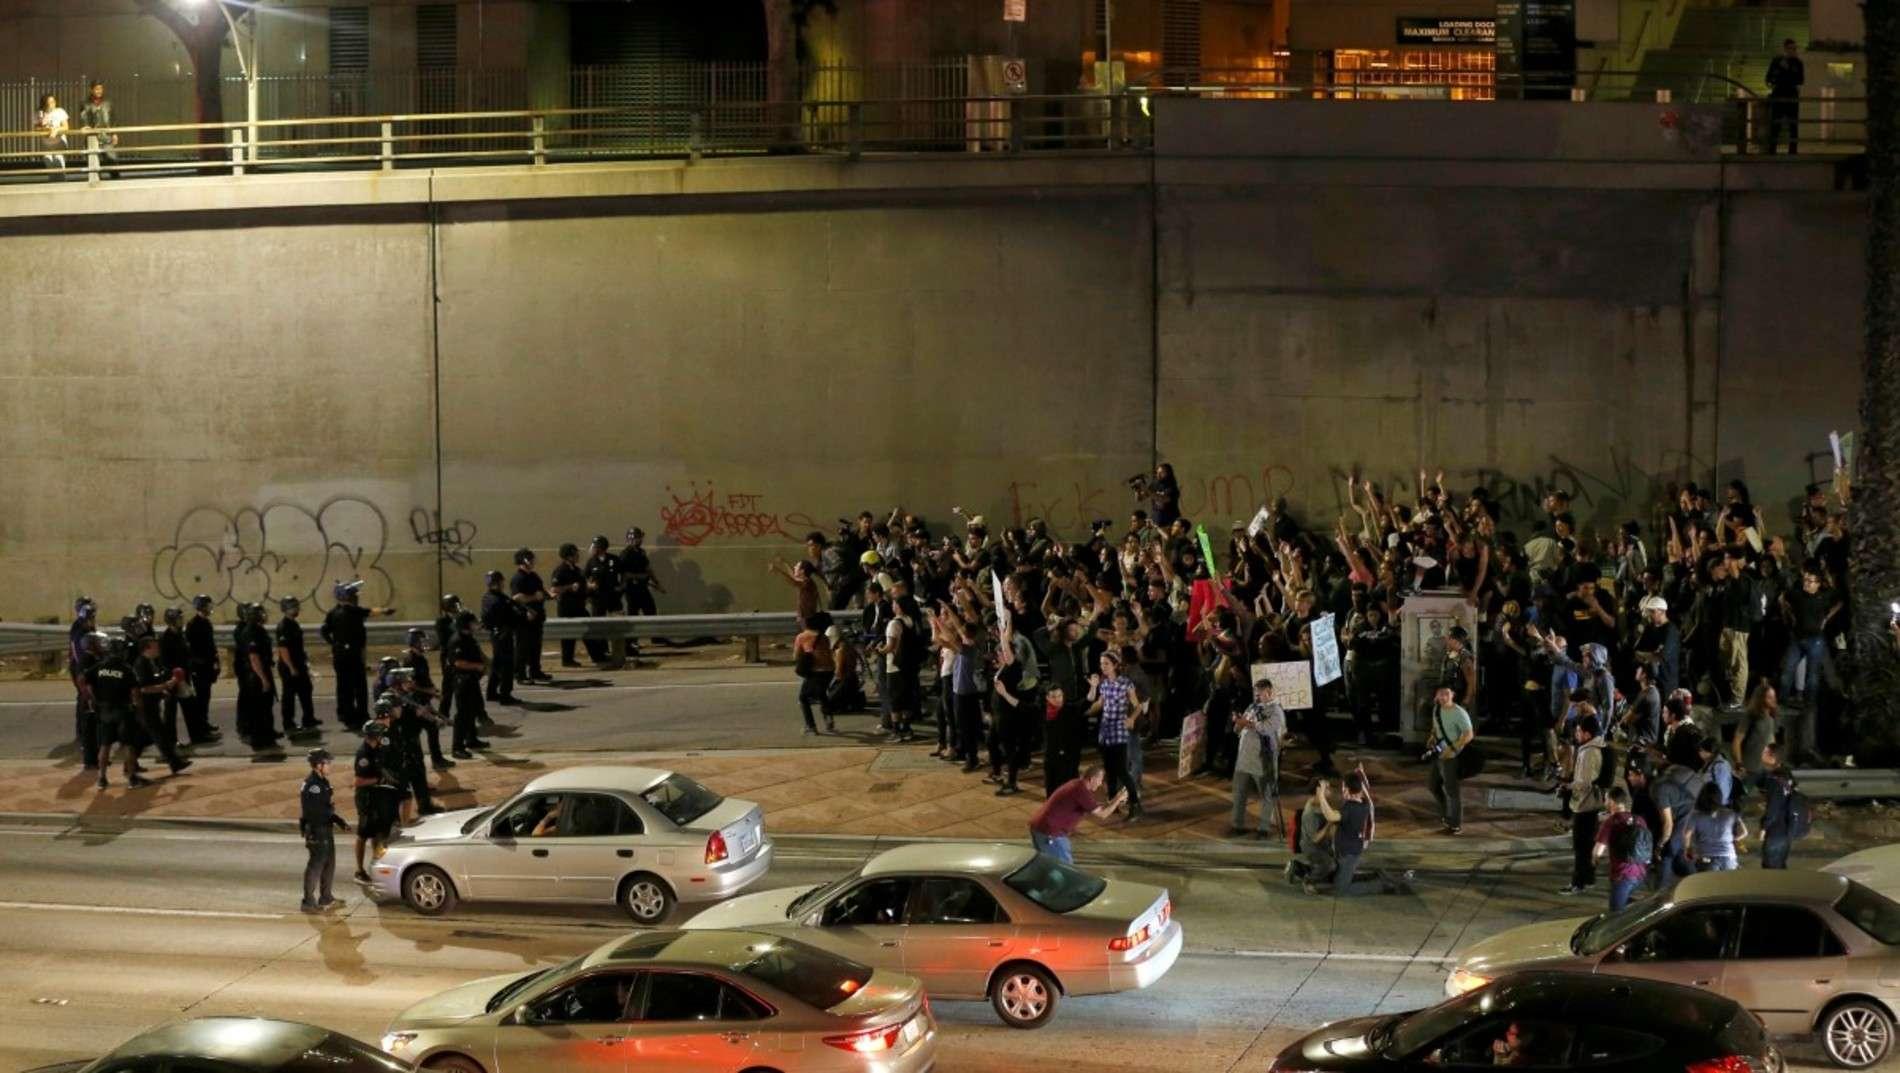 Тисячі людей у США протестують проти обрання Трампа президентом